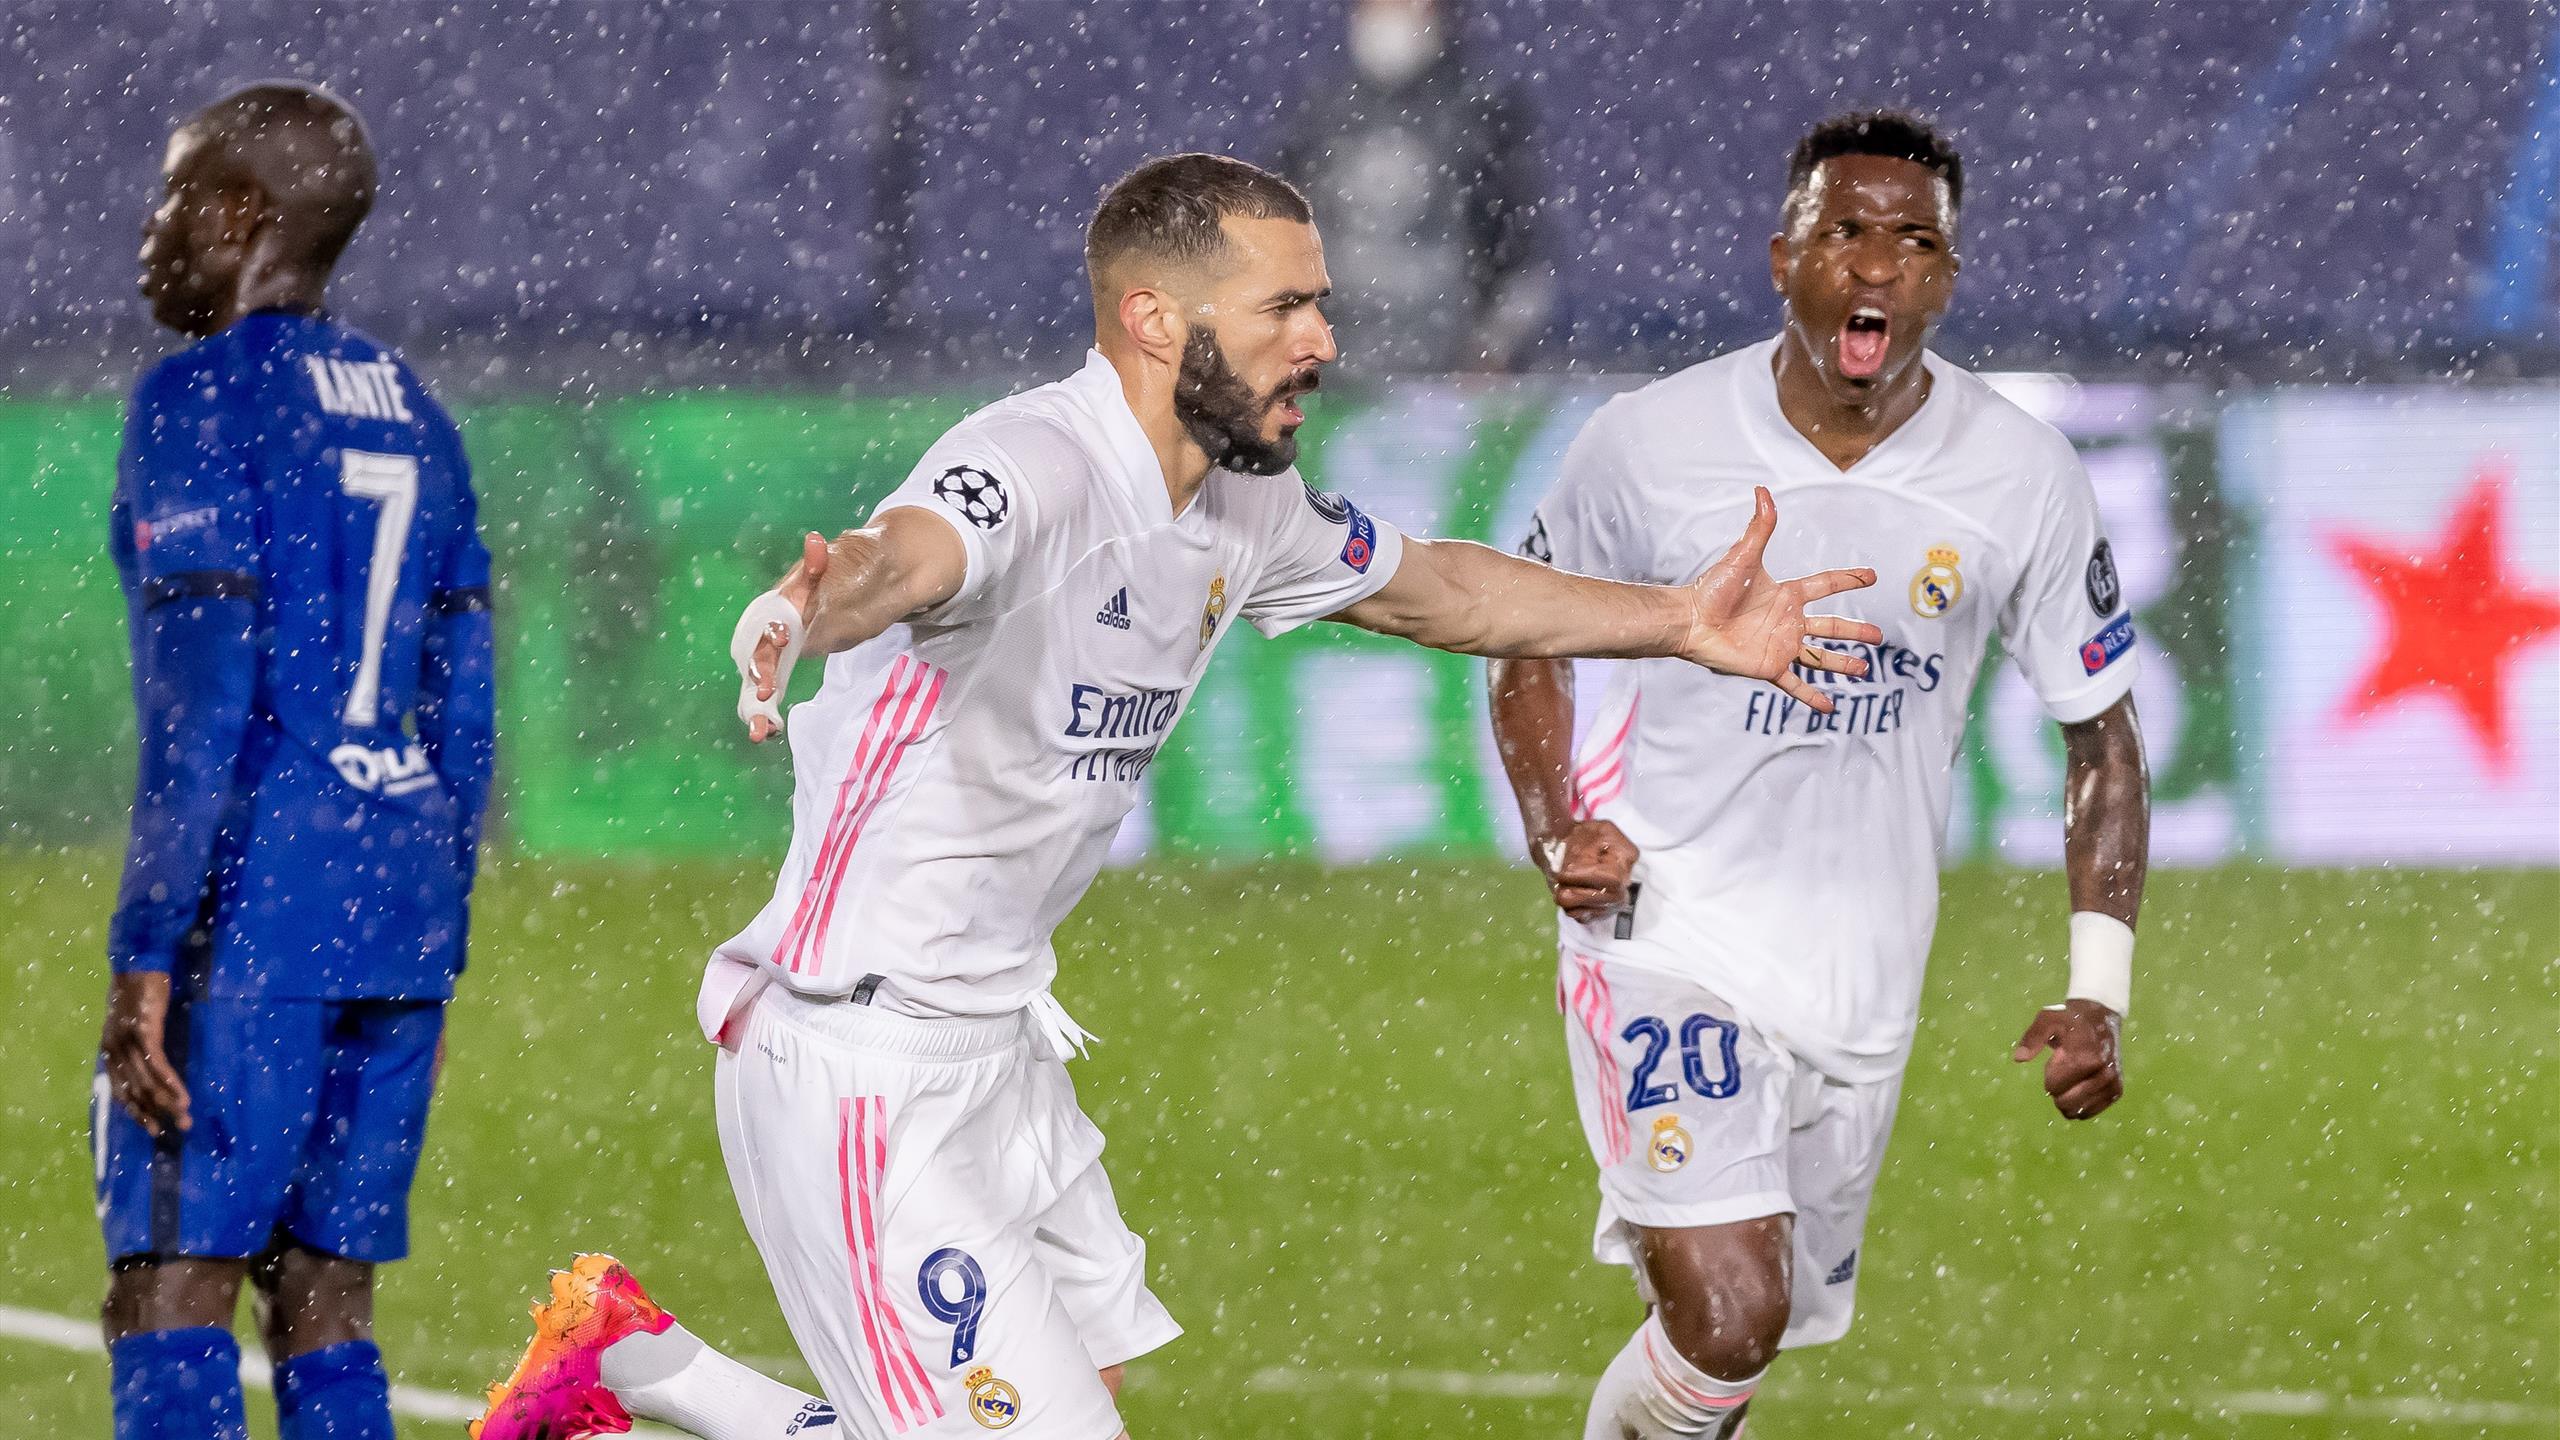 Ligue des champions : Le Real Madrid tenu en échec par Chelsea (1-1), Karim Benzema buteur